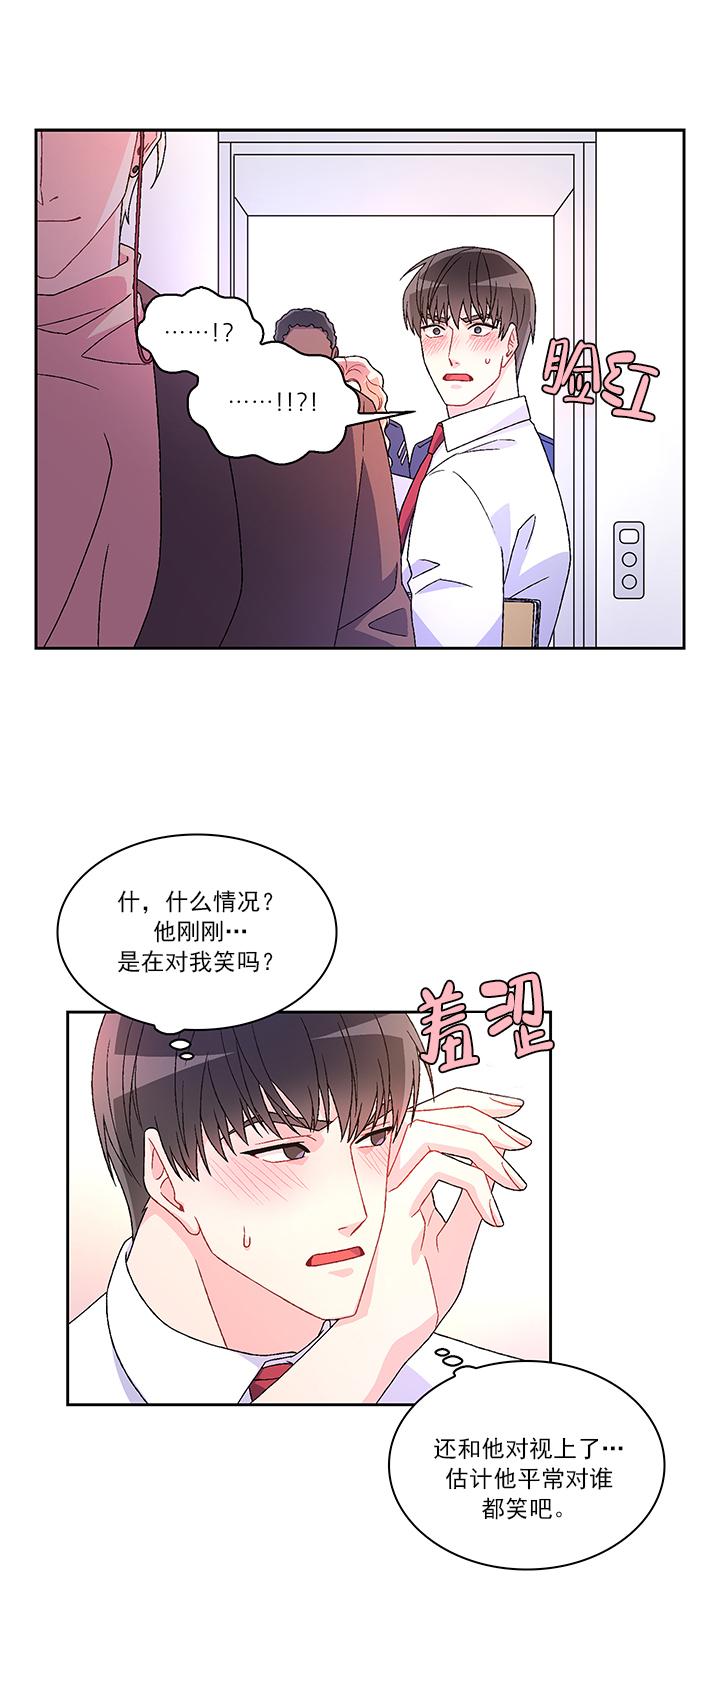 韩漫 | 《亚瑟》美人攻x刑警受  第15张